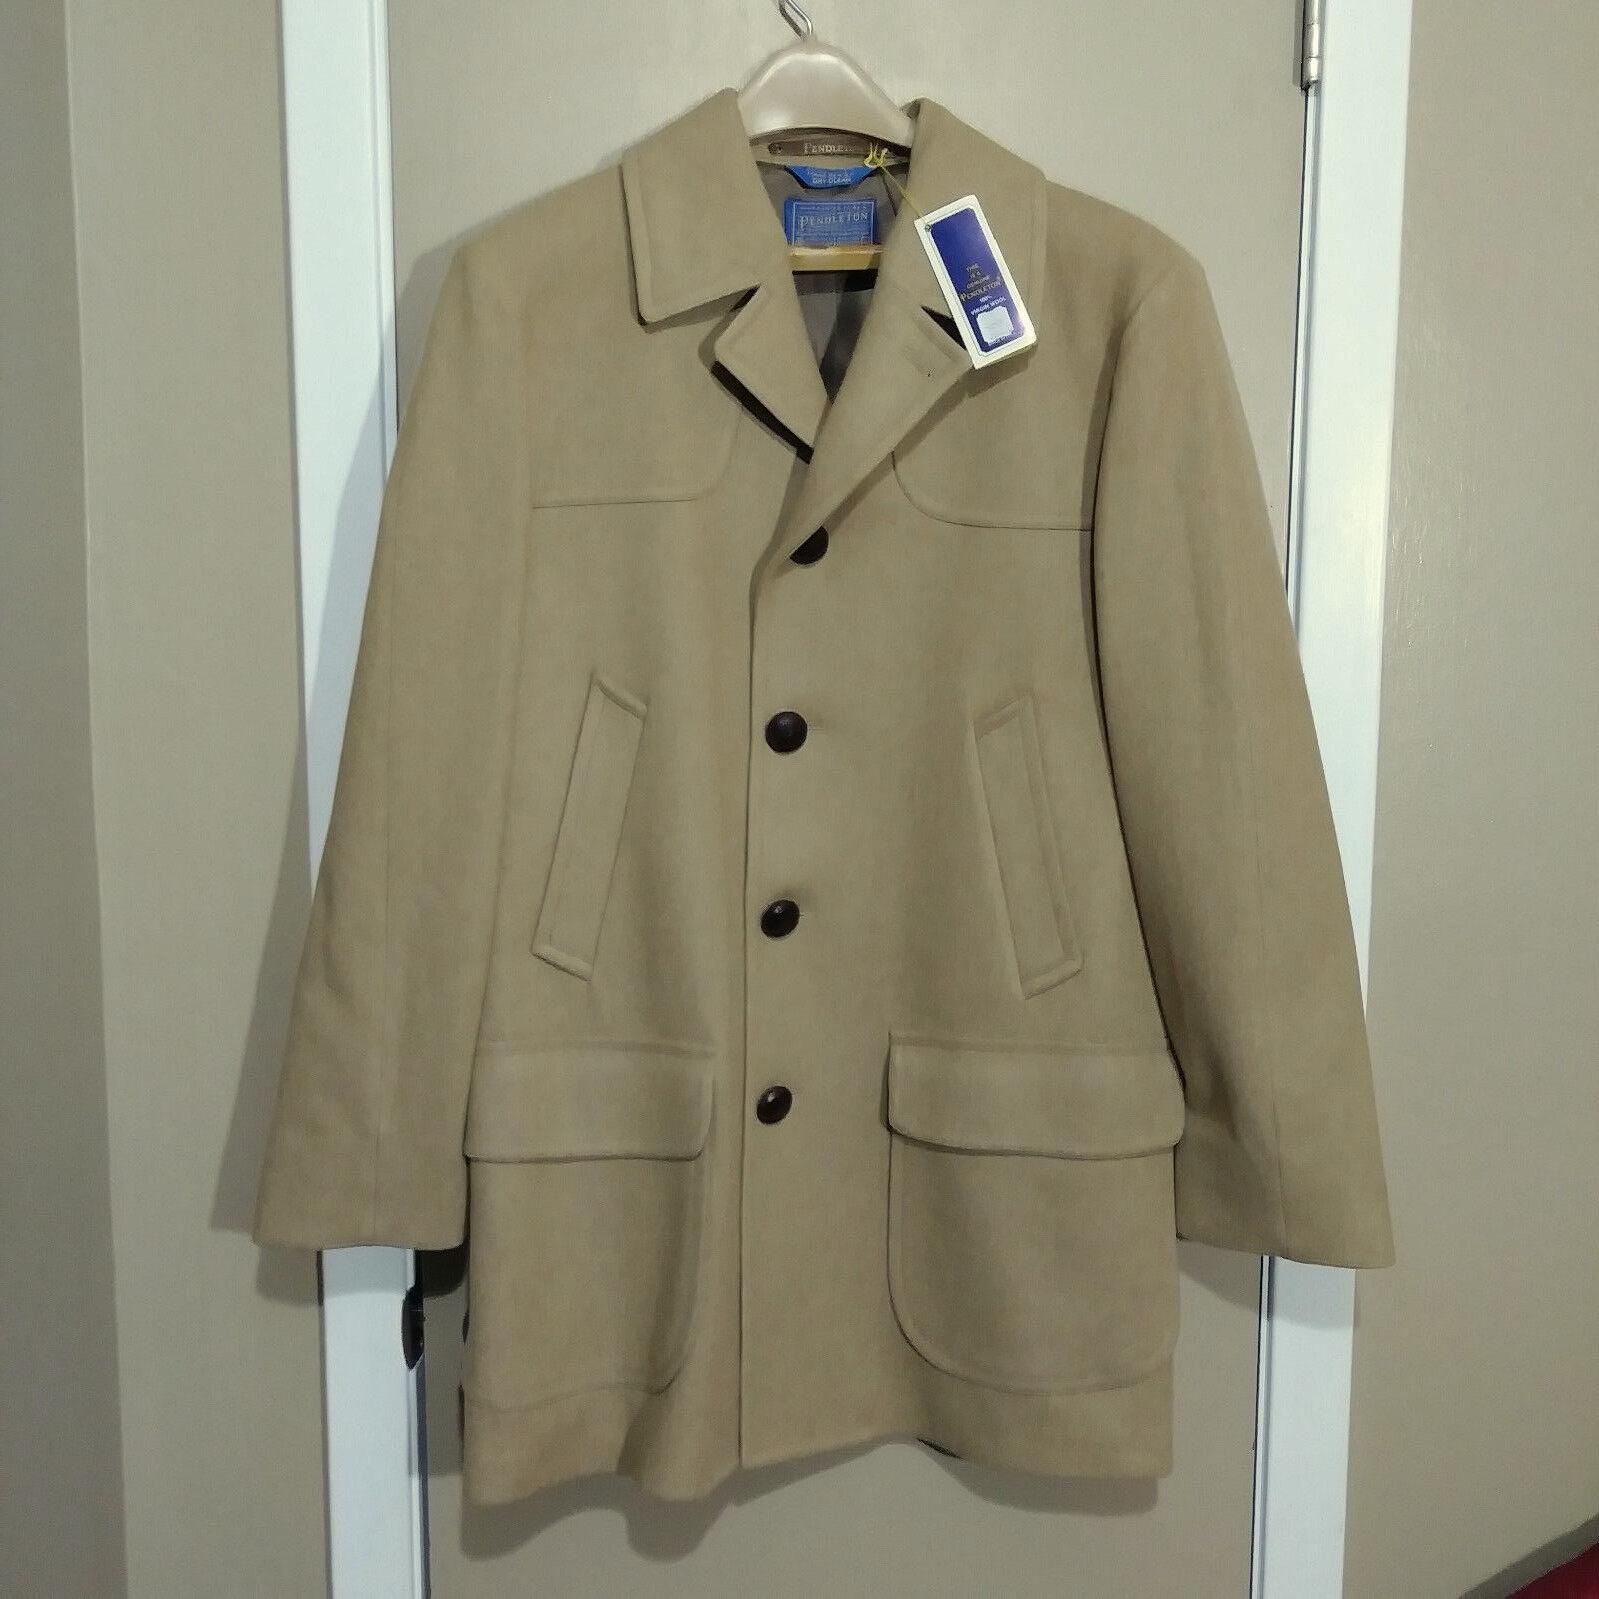 NWT 60s Vintage Pendleton 100% Virgin Wool Coat Overcoat Camel Tan Mens 40 Large